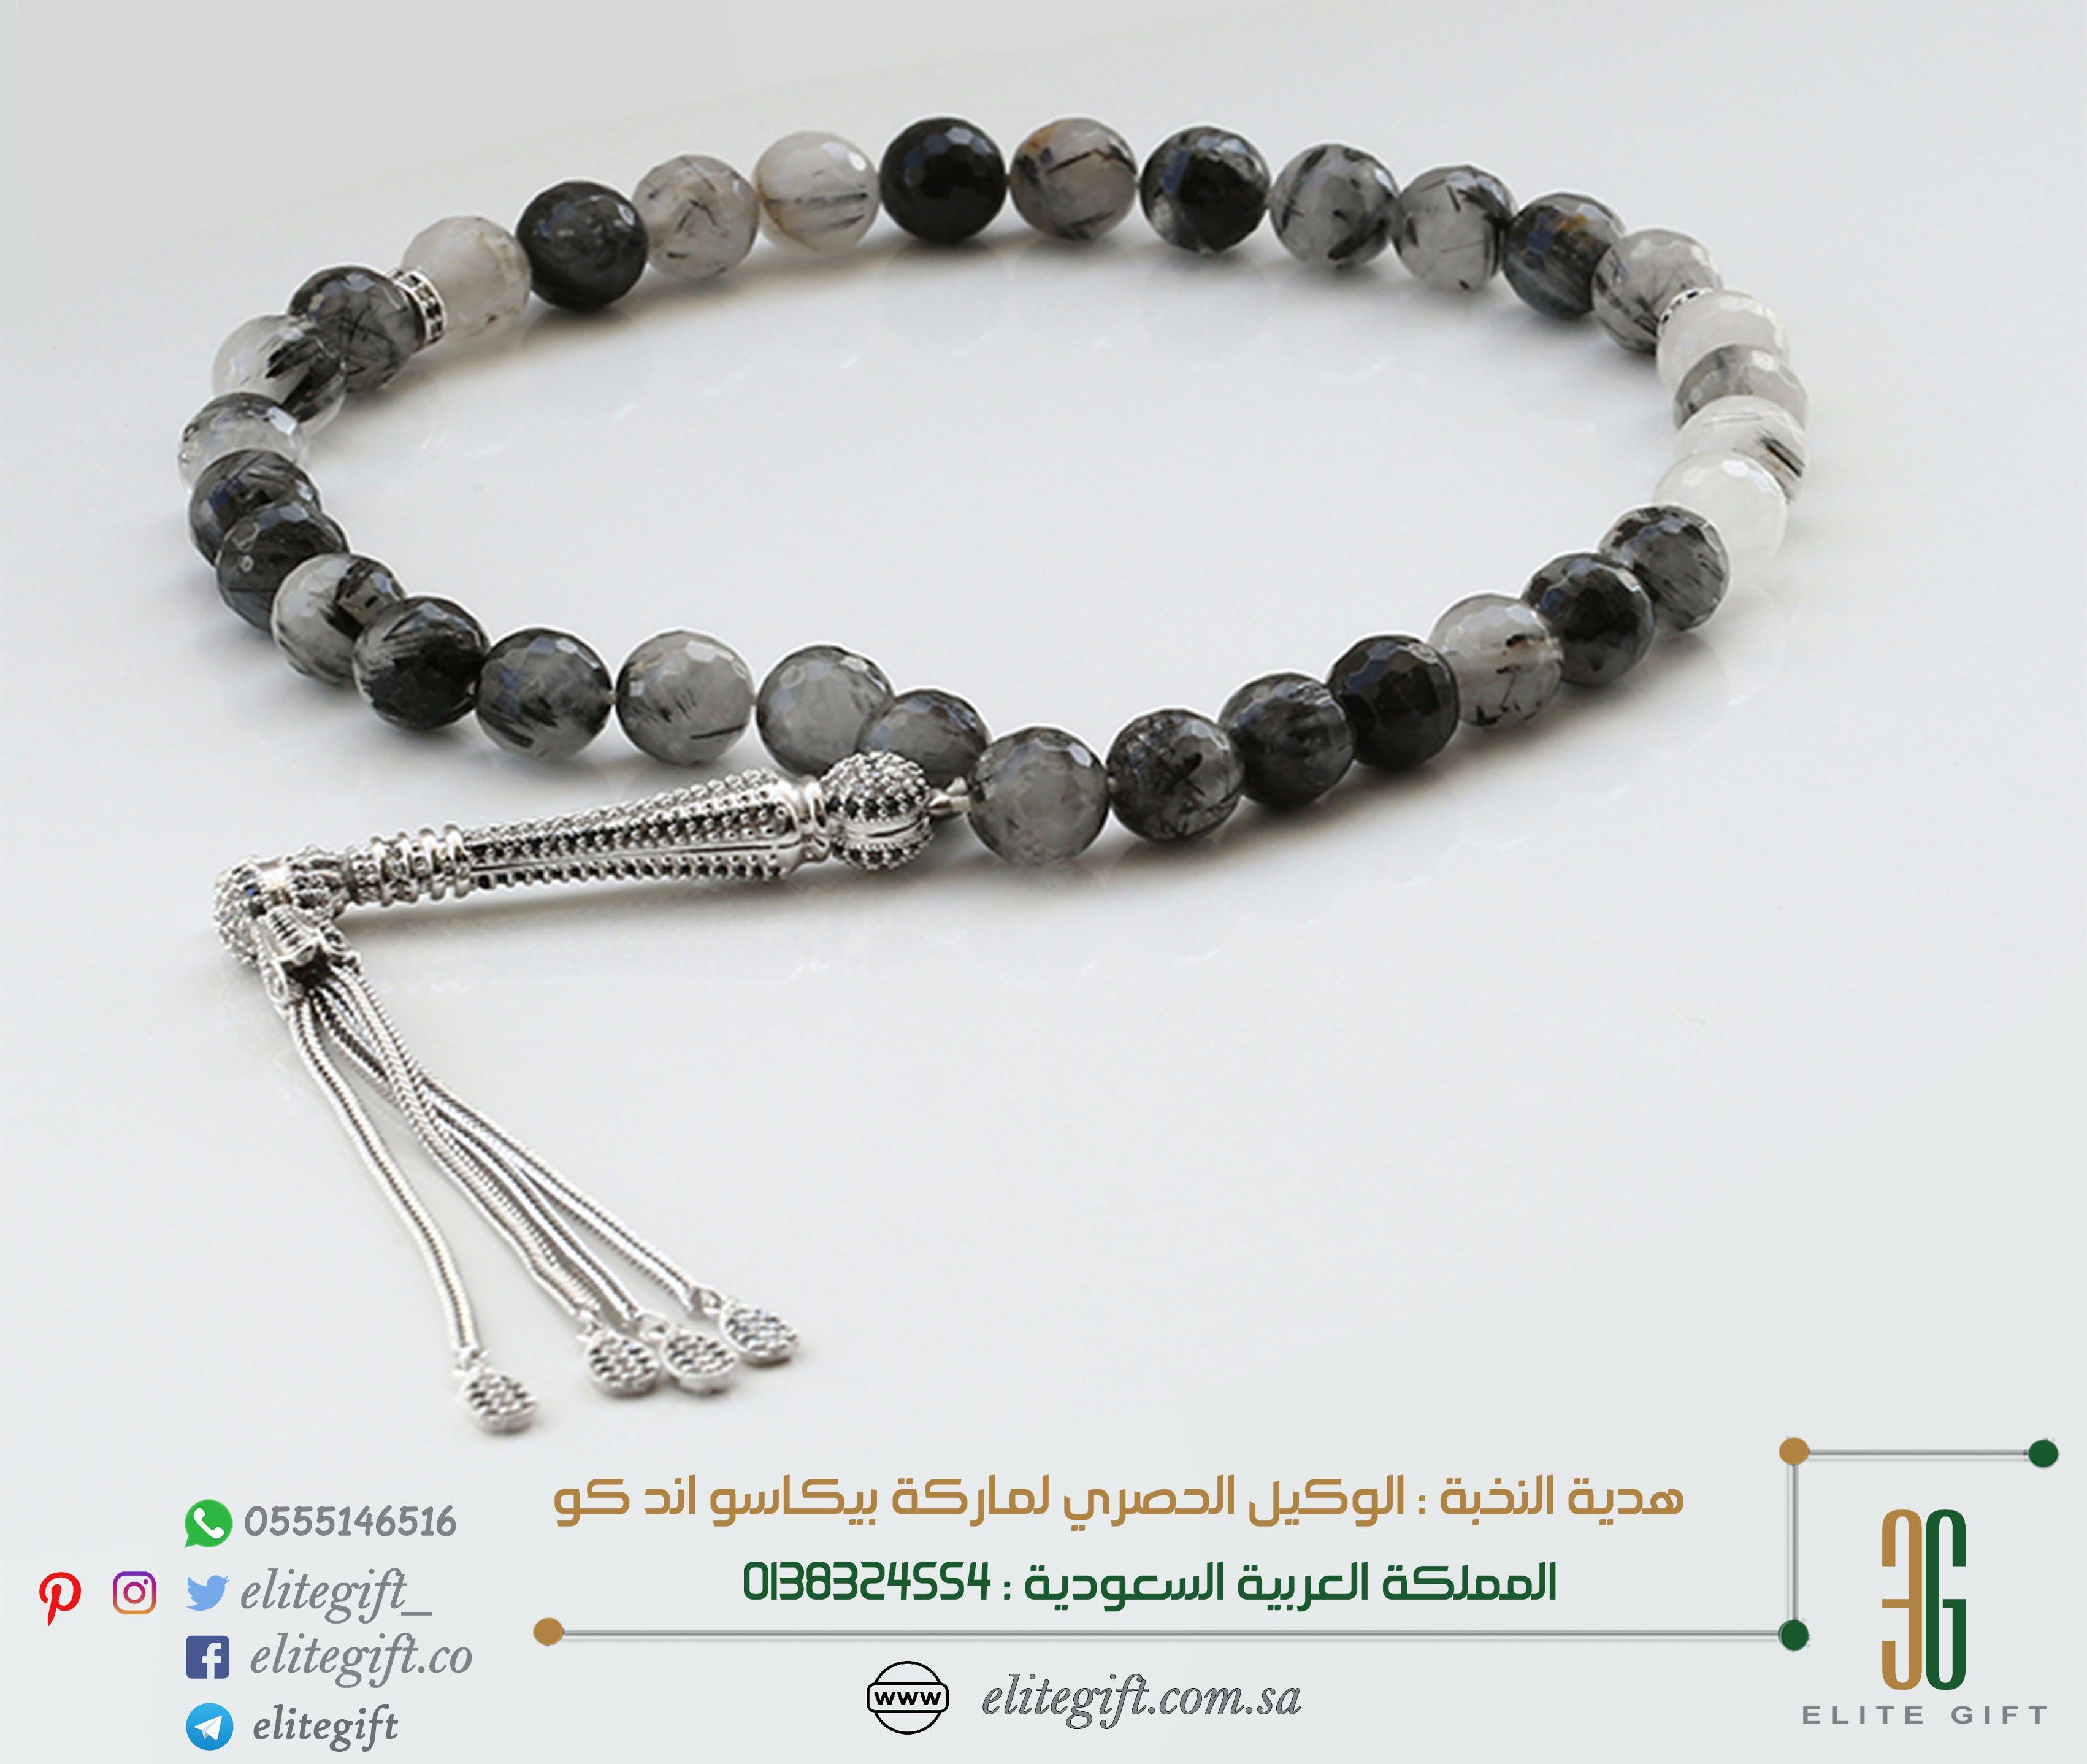 سبحة بشرابة فضة عيار 925 المصدر مدغشقر نوع الحجر اميتست من افخر انواع الاحجار الكريمة اللون رمادي تأتي مع علبة فاخرة للطل Mens Bracelet Jewelry Bracelets